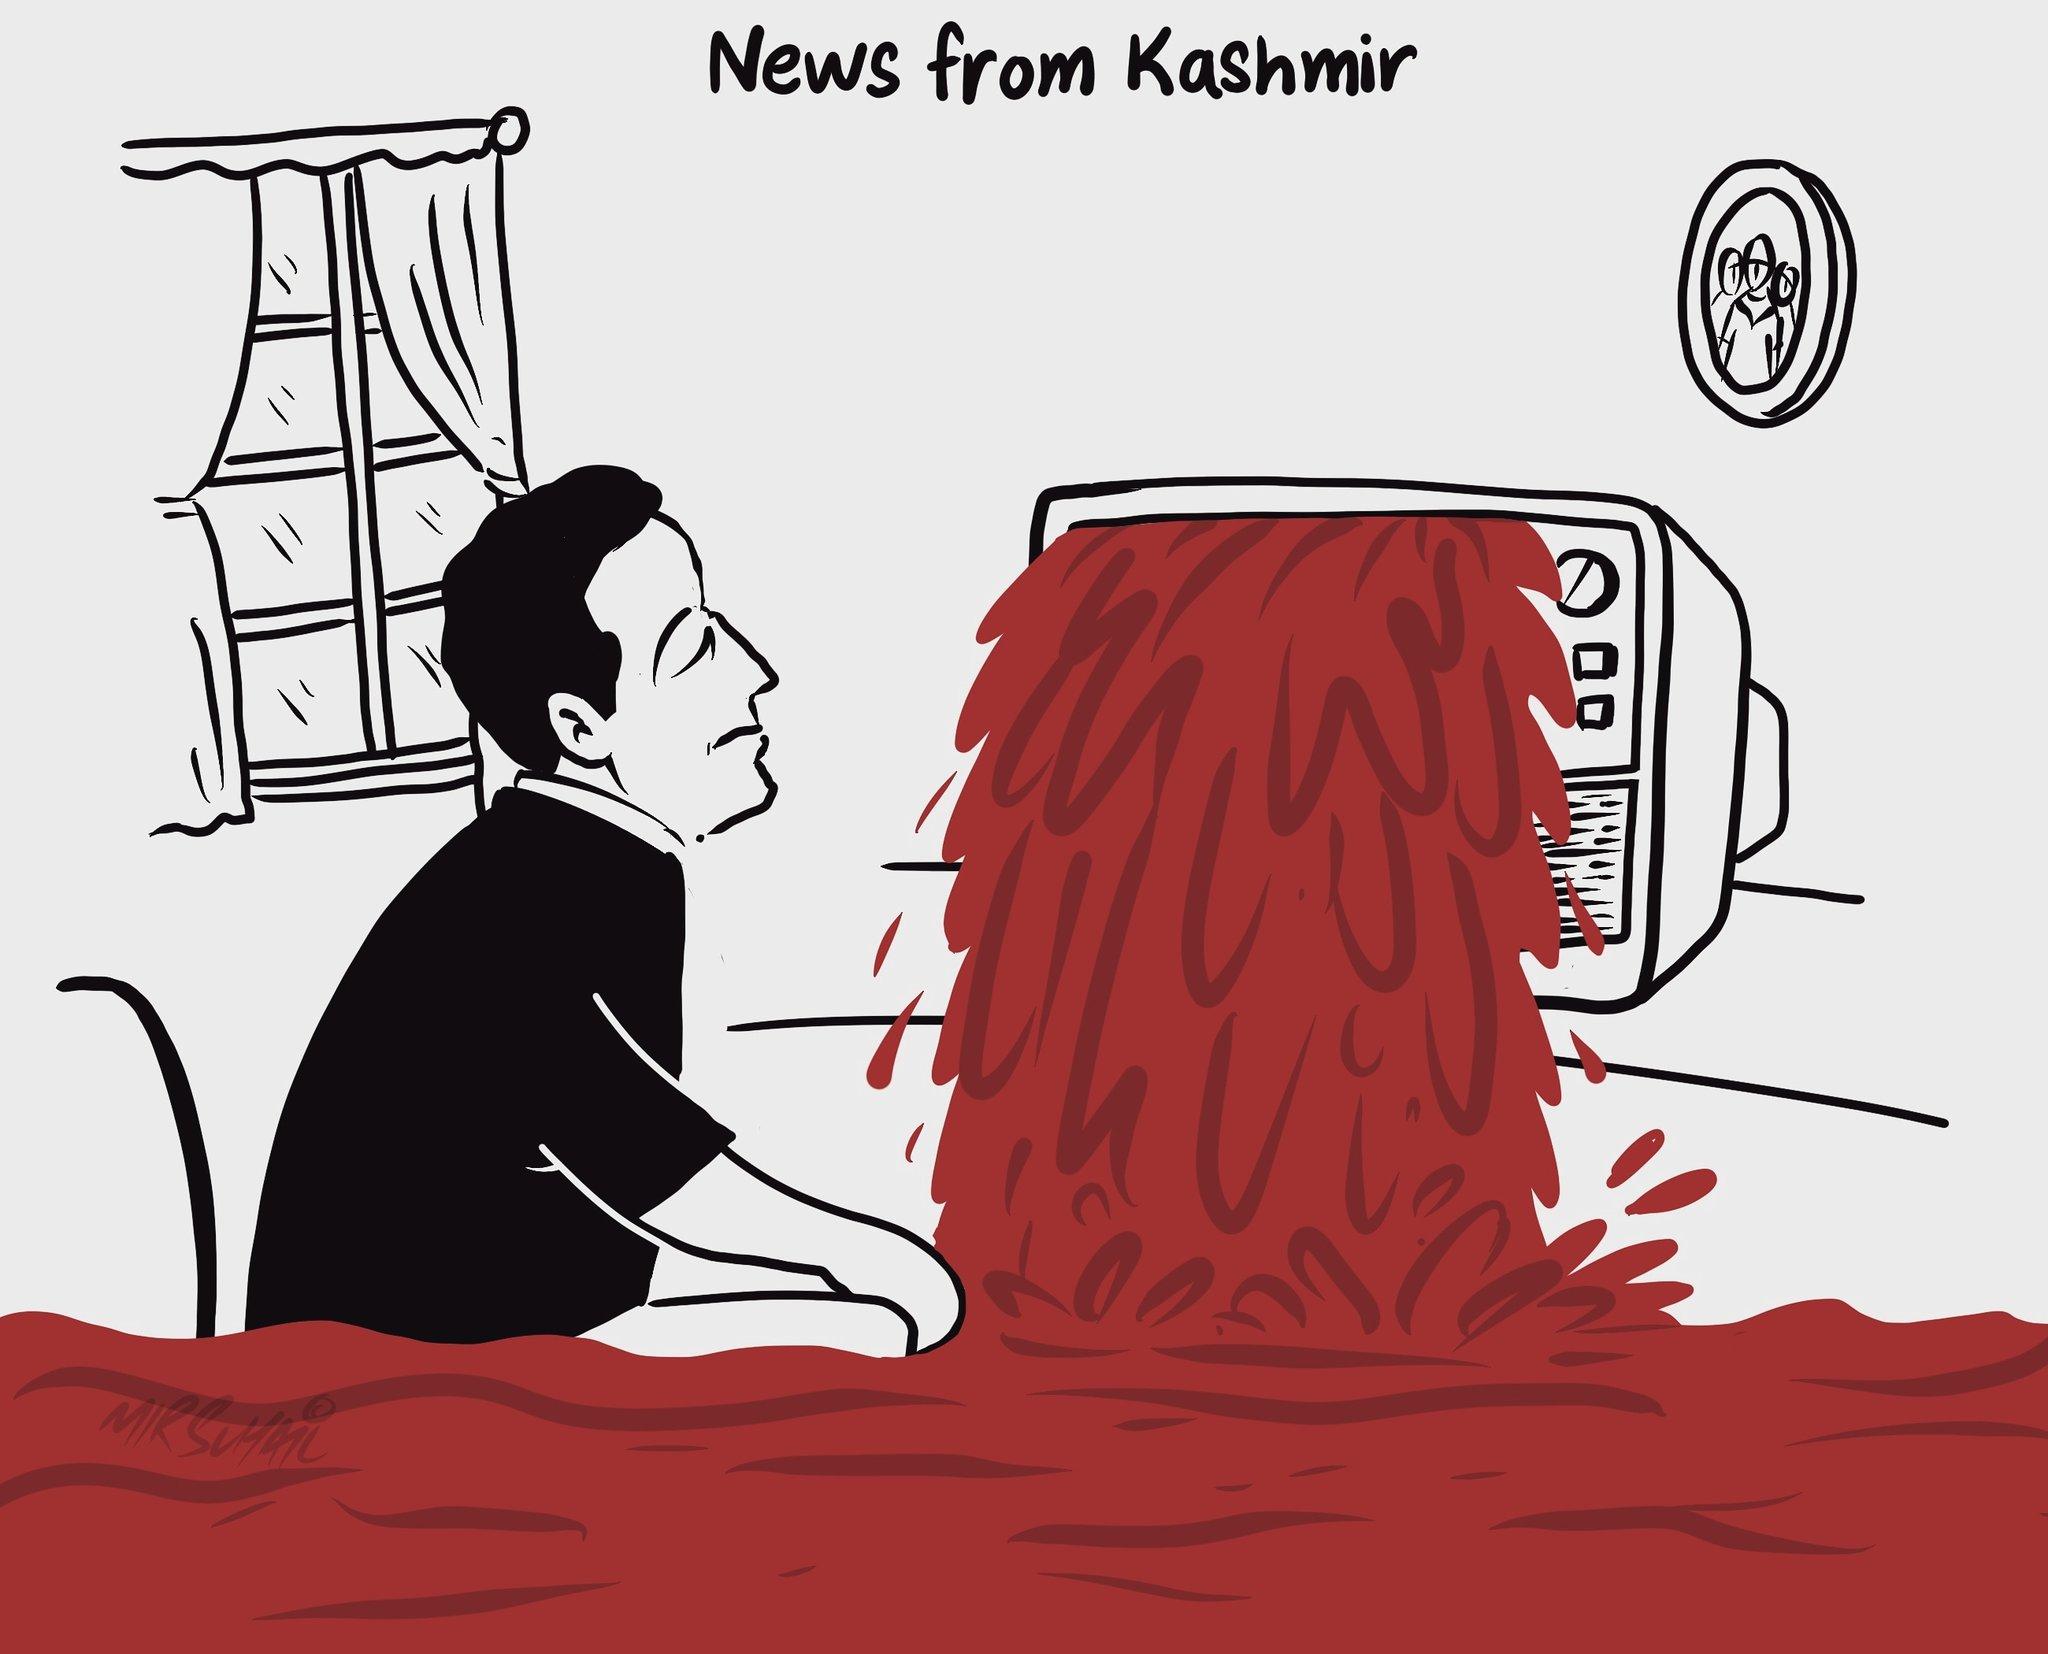 Kashmir story Mir Suhail